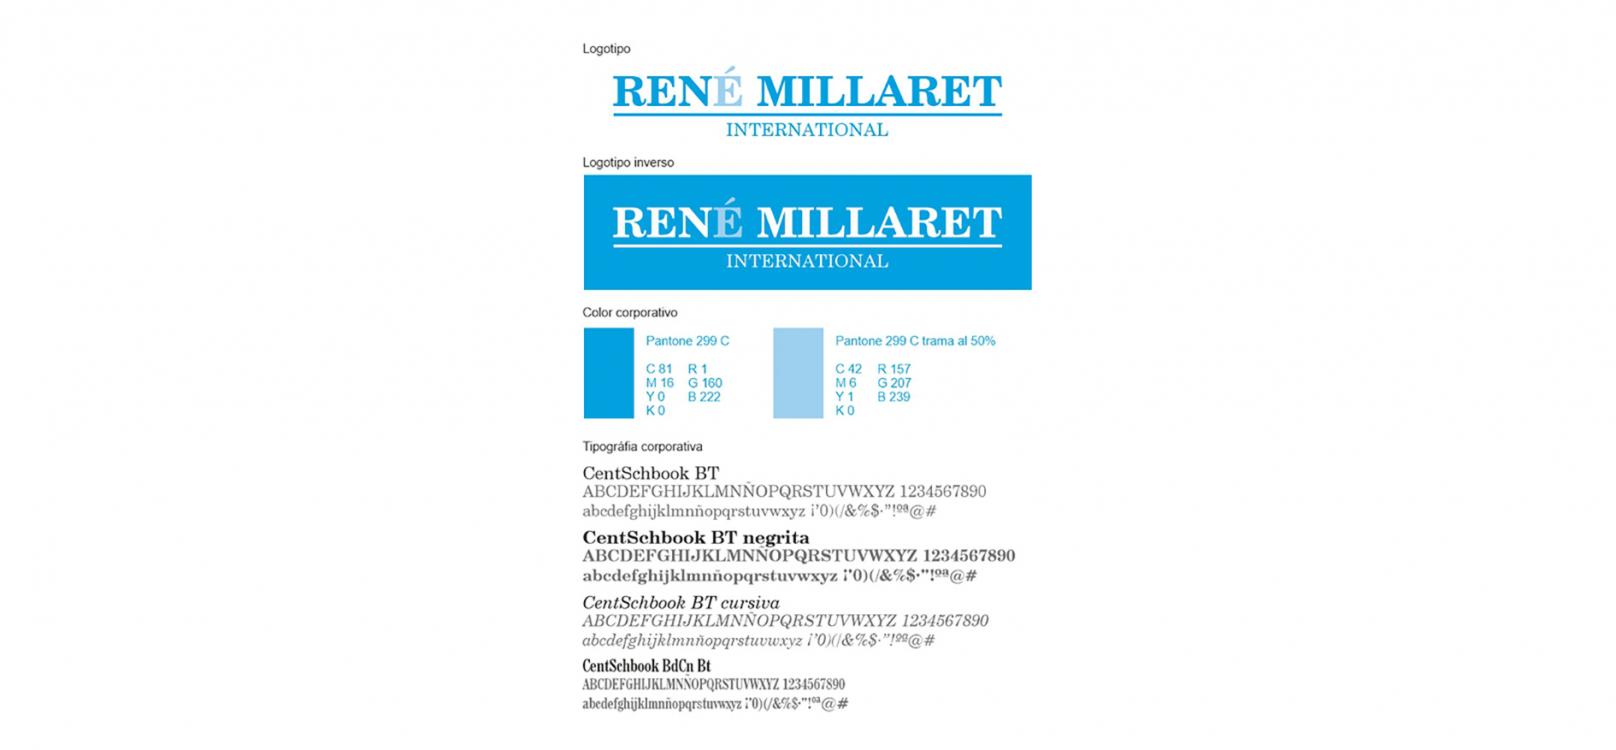 René Millaret International venta y distribución de papel